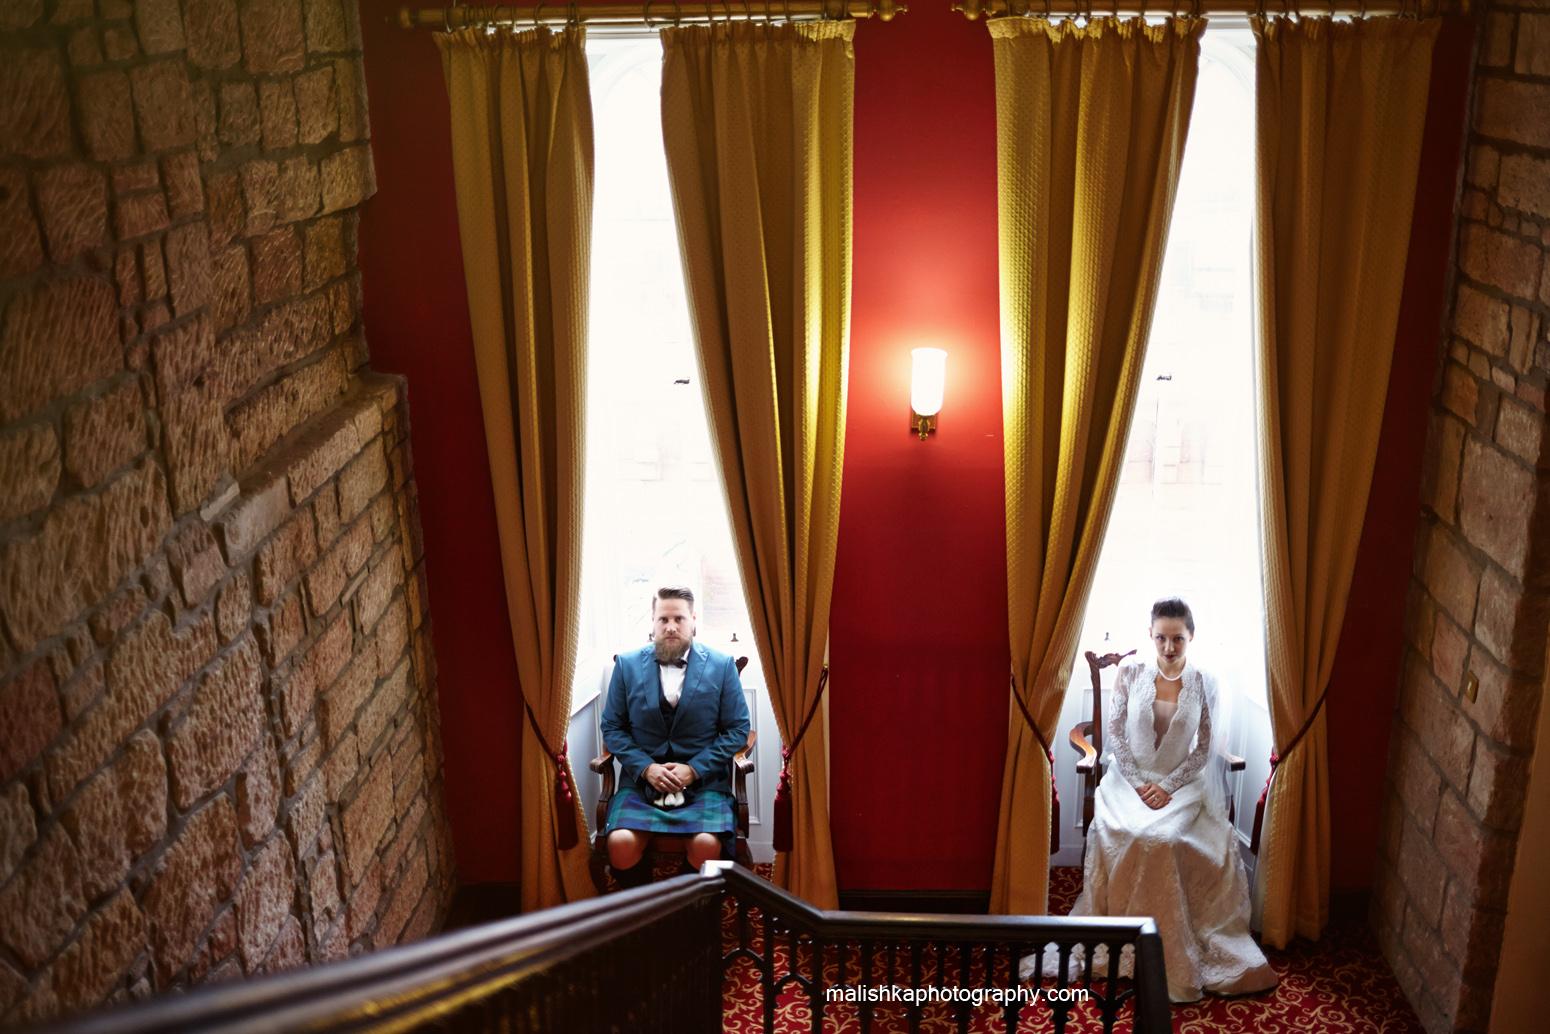 Indoors of Dalhousie Castle